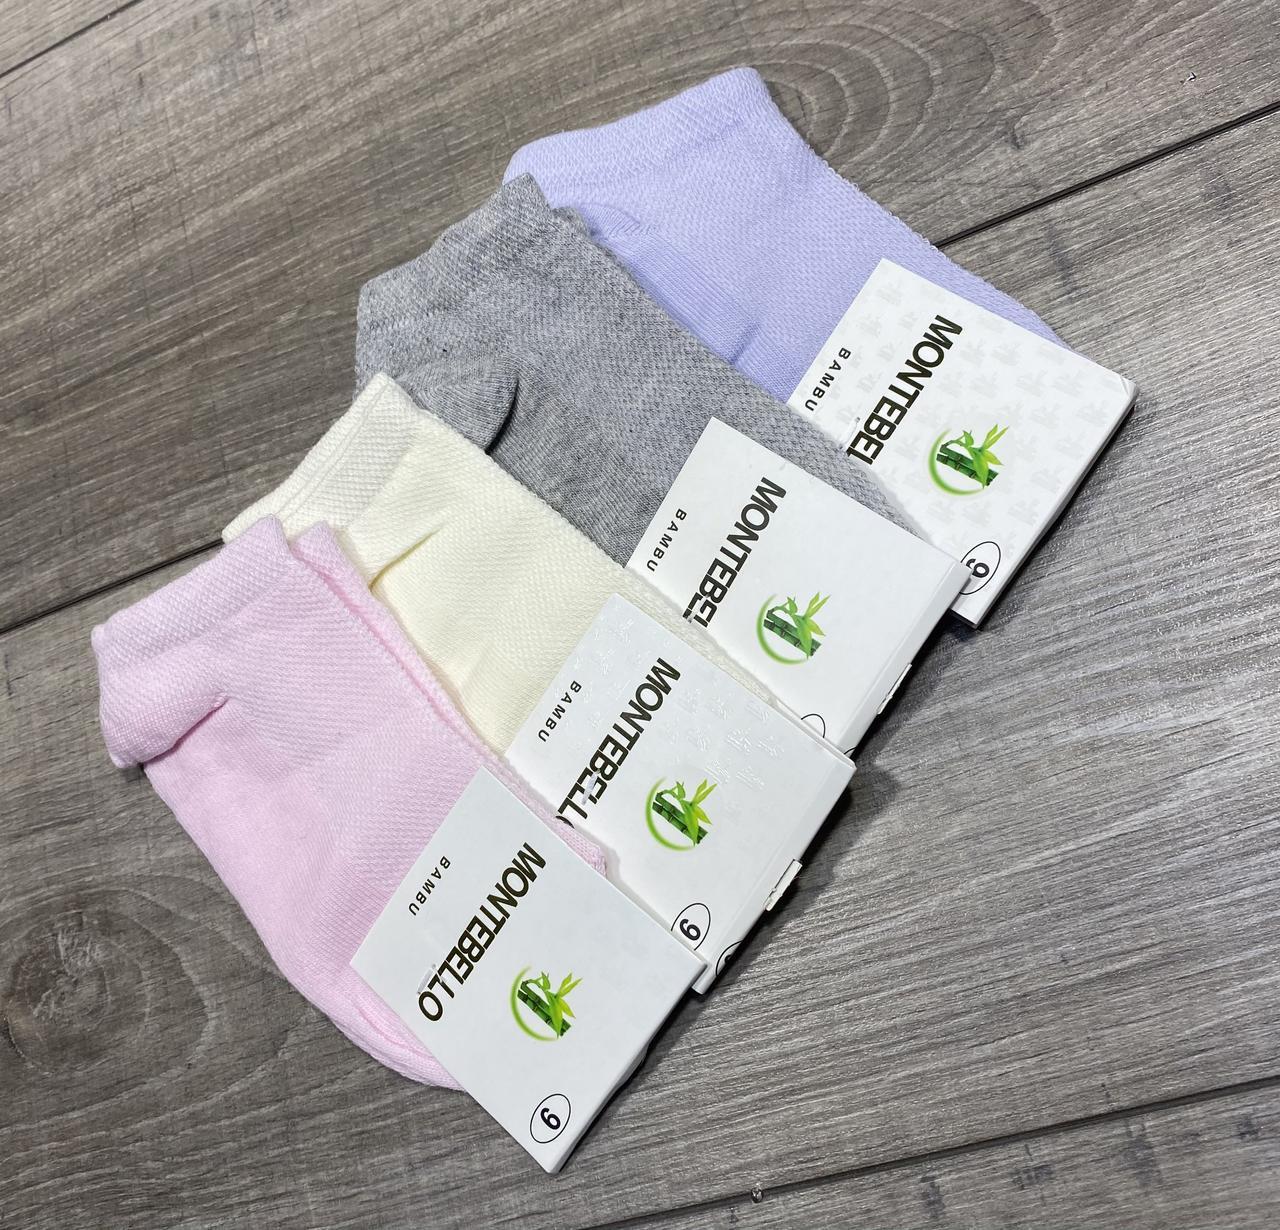 Дитячі шкарпетки стрейчеві Montebello асорті однотонні бамбук сітка короткі 9 років 12шт